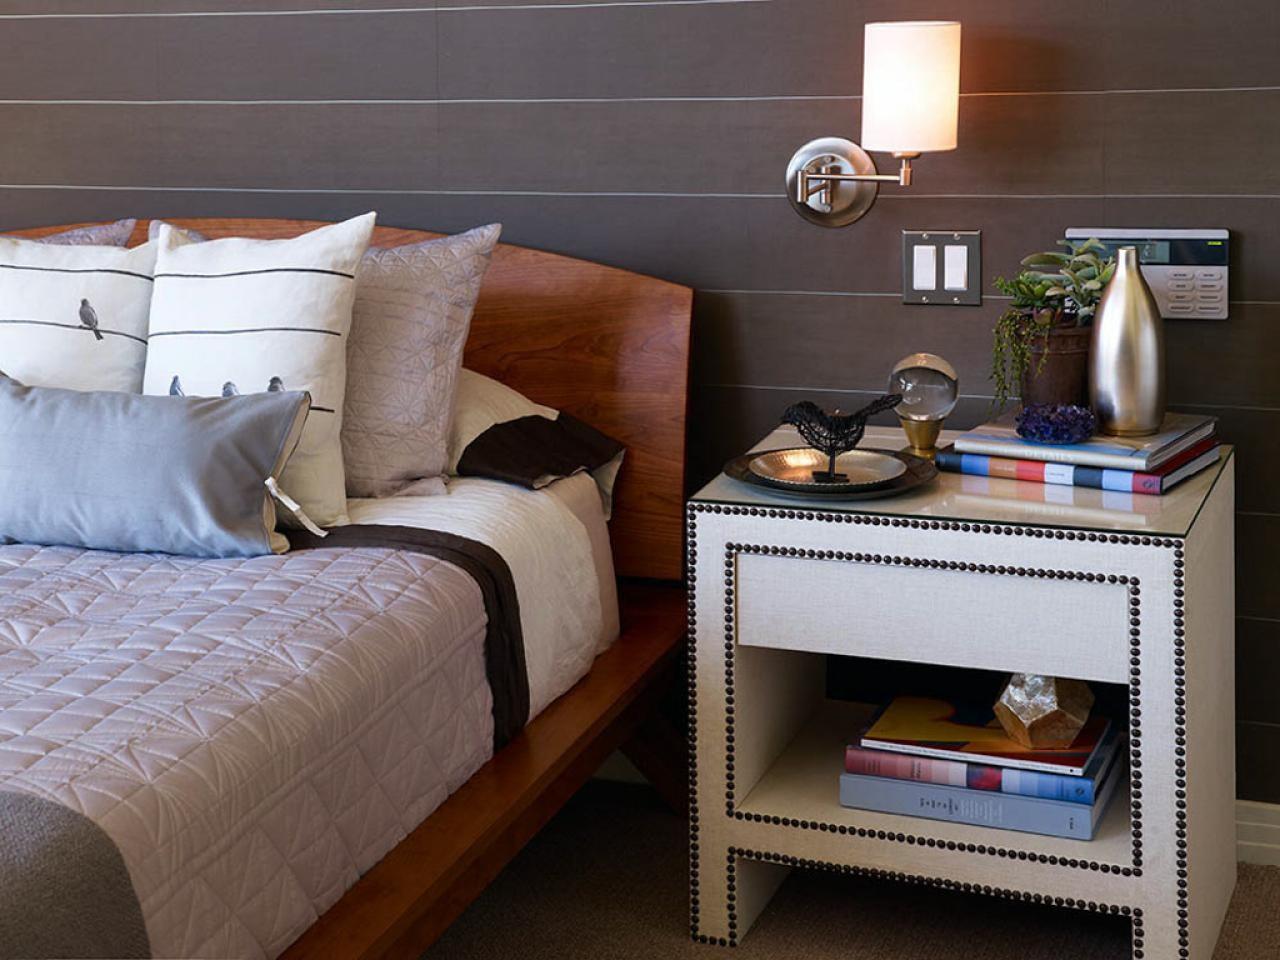 أشكال إضاءة غرف النوم - مصباح حائط